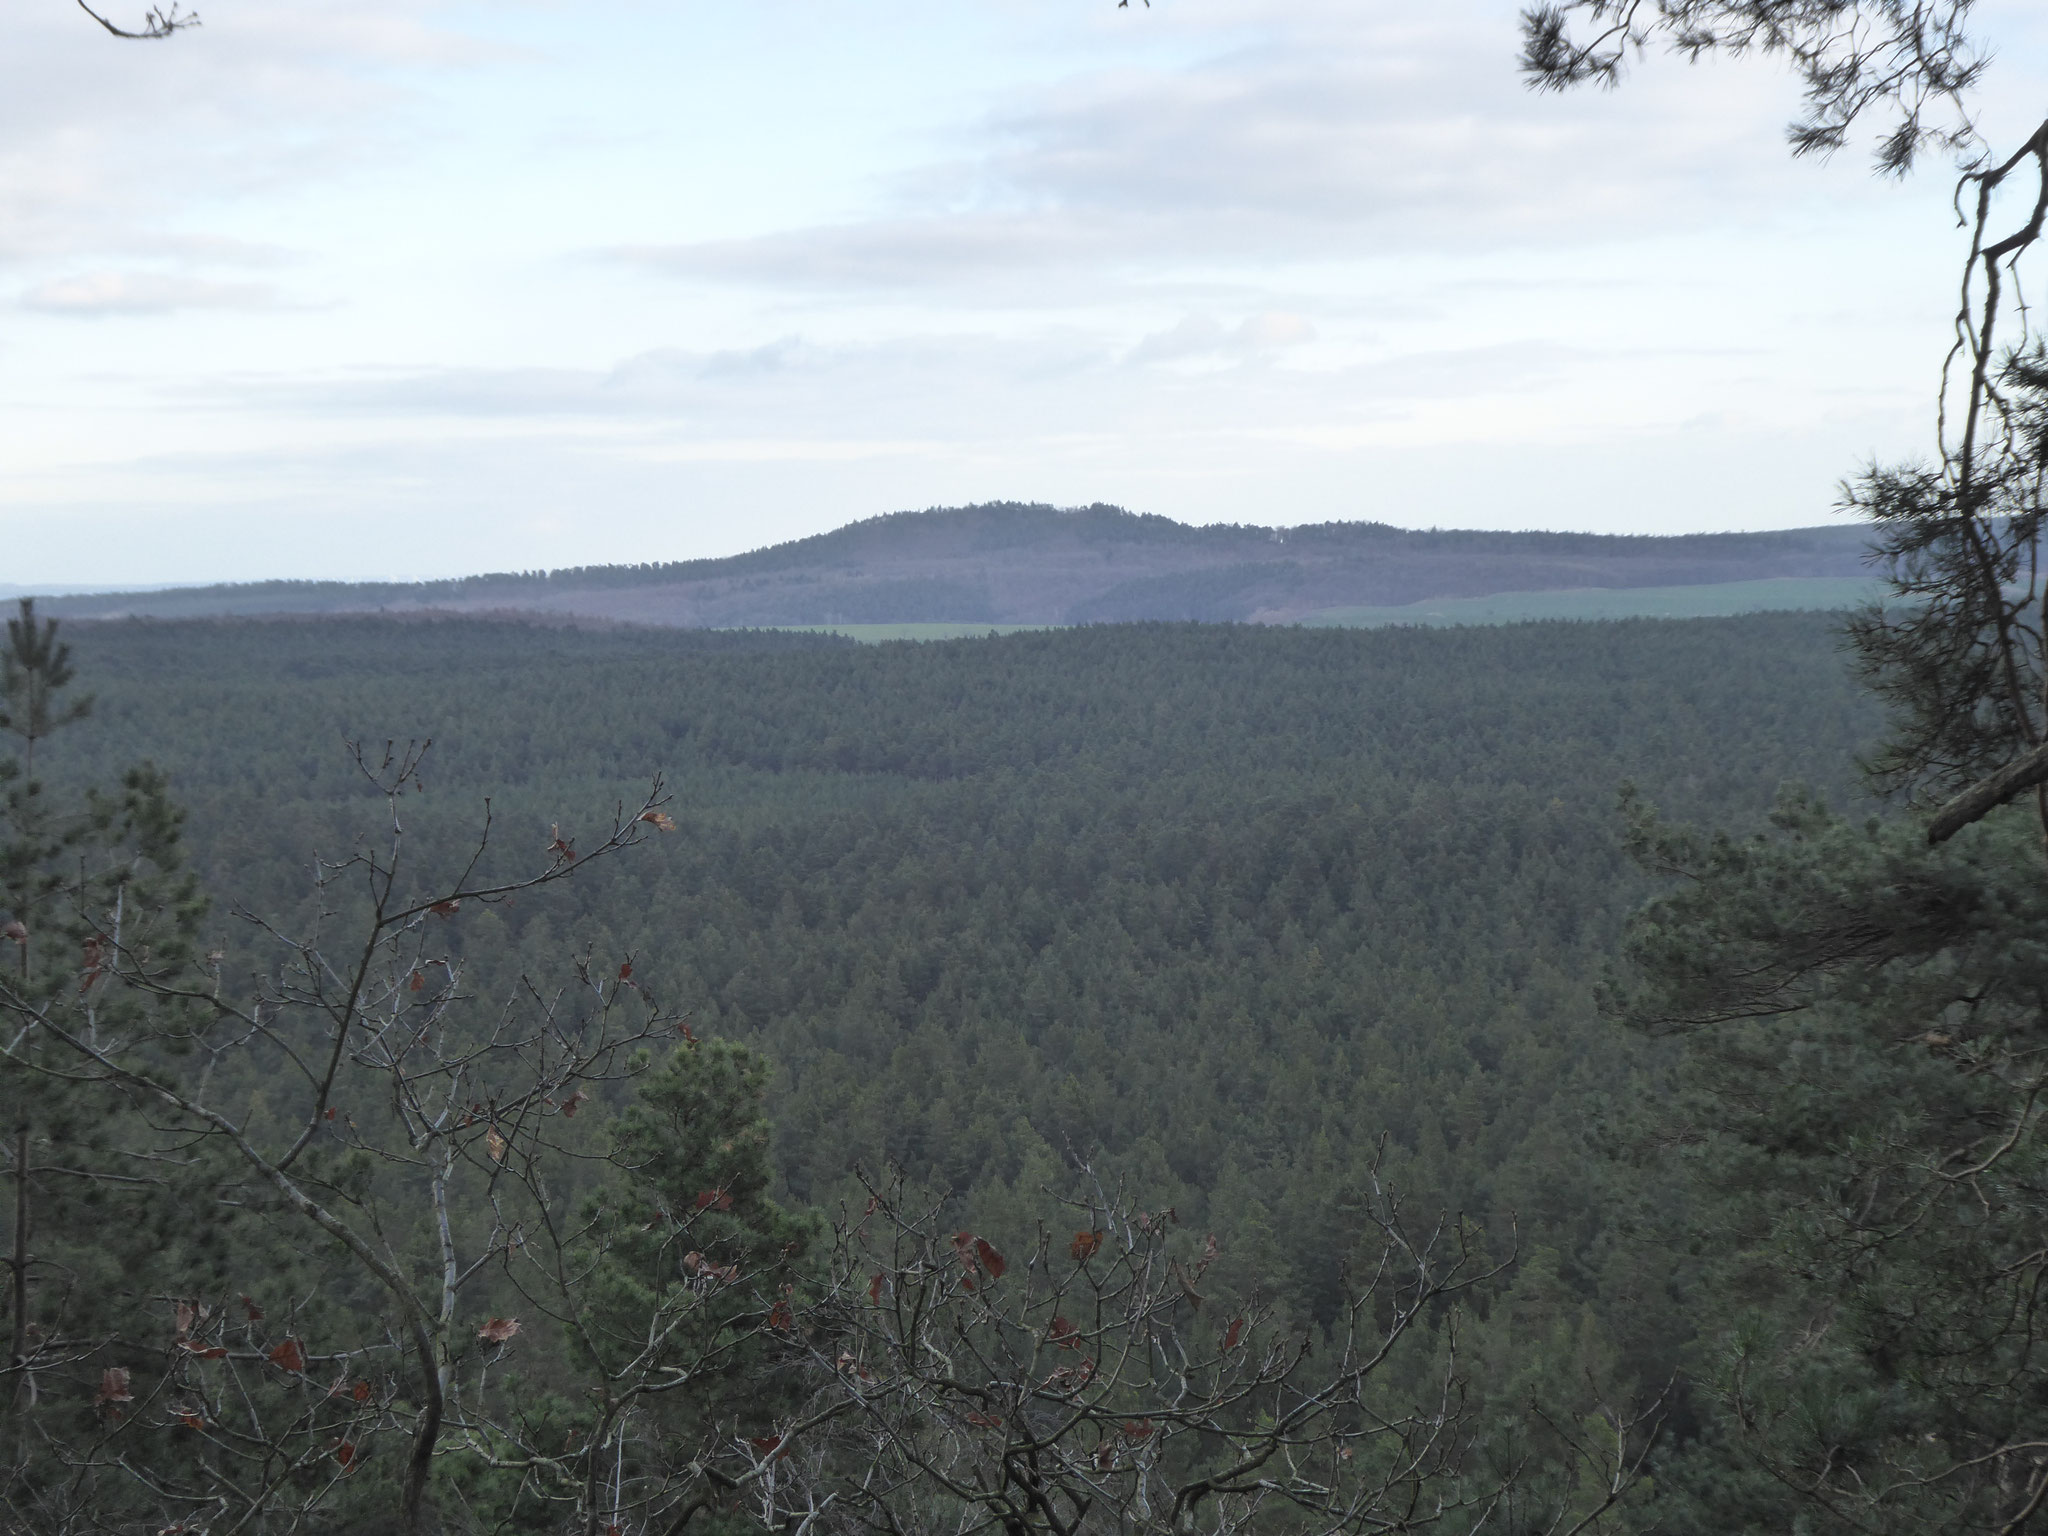 Am Horizont ist der Hoppelberg zu sehen.